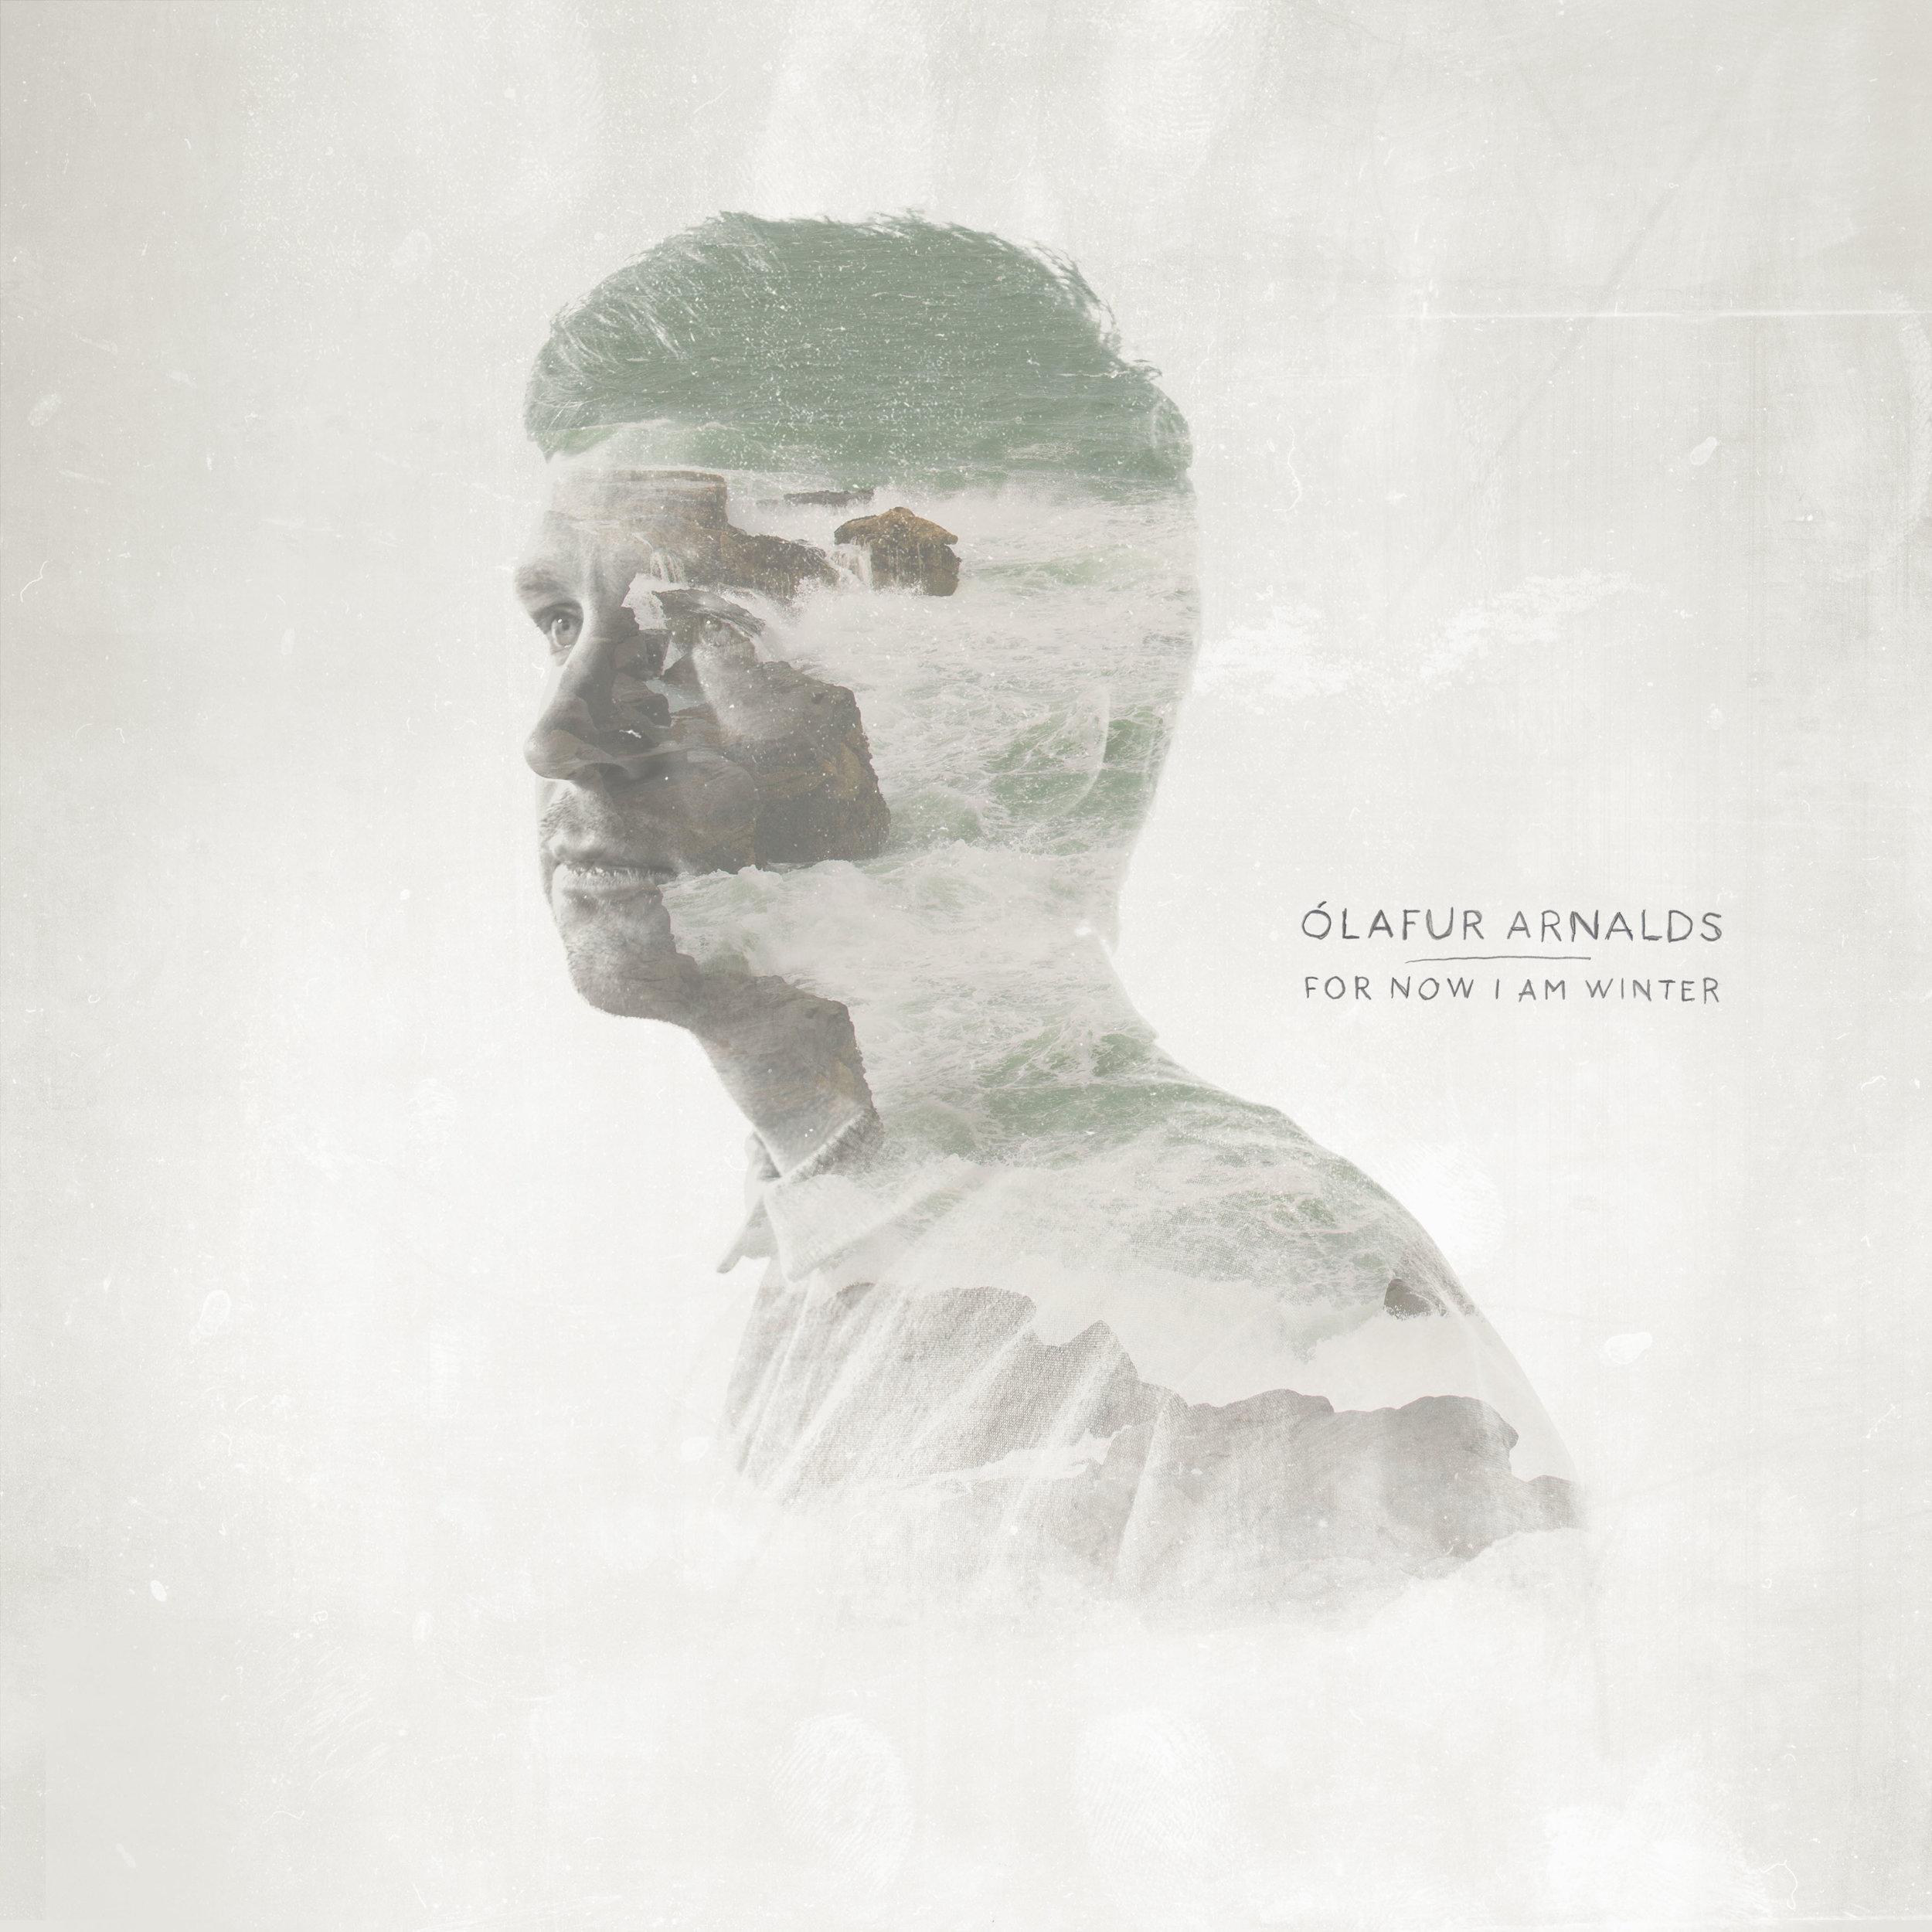 2013: Ólafur Arnalds - For Now I Am Winter.   1st violin in the string quartet.